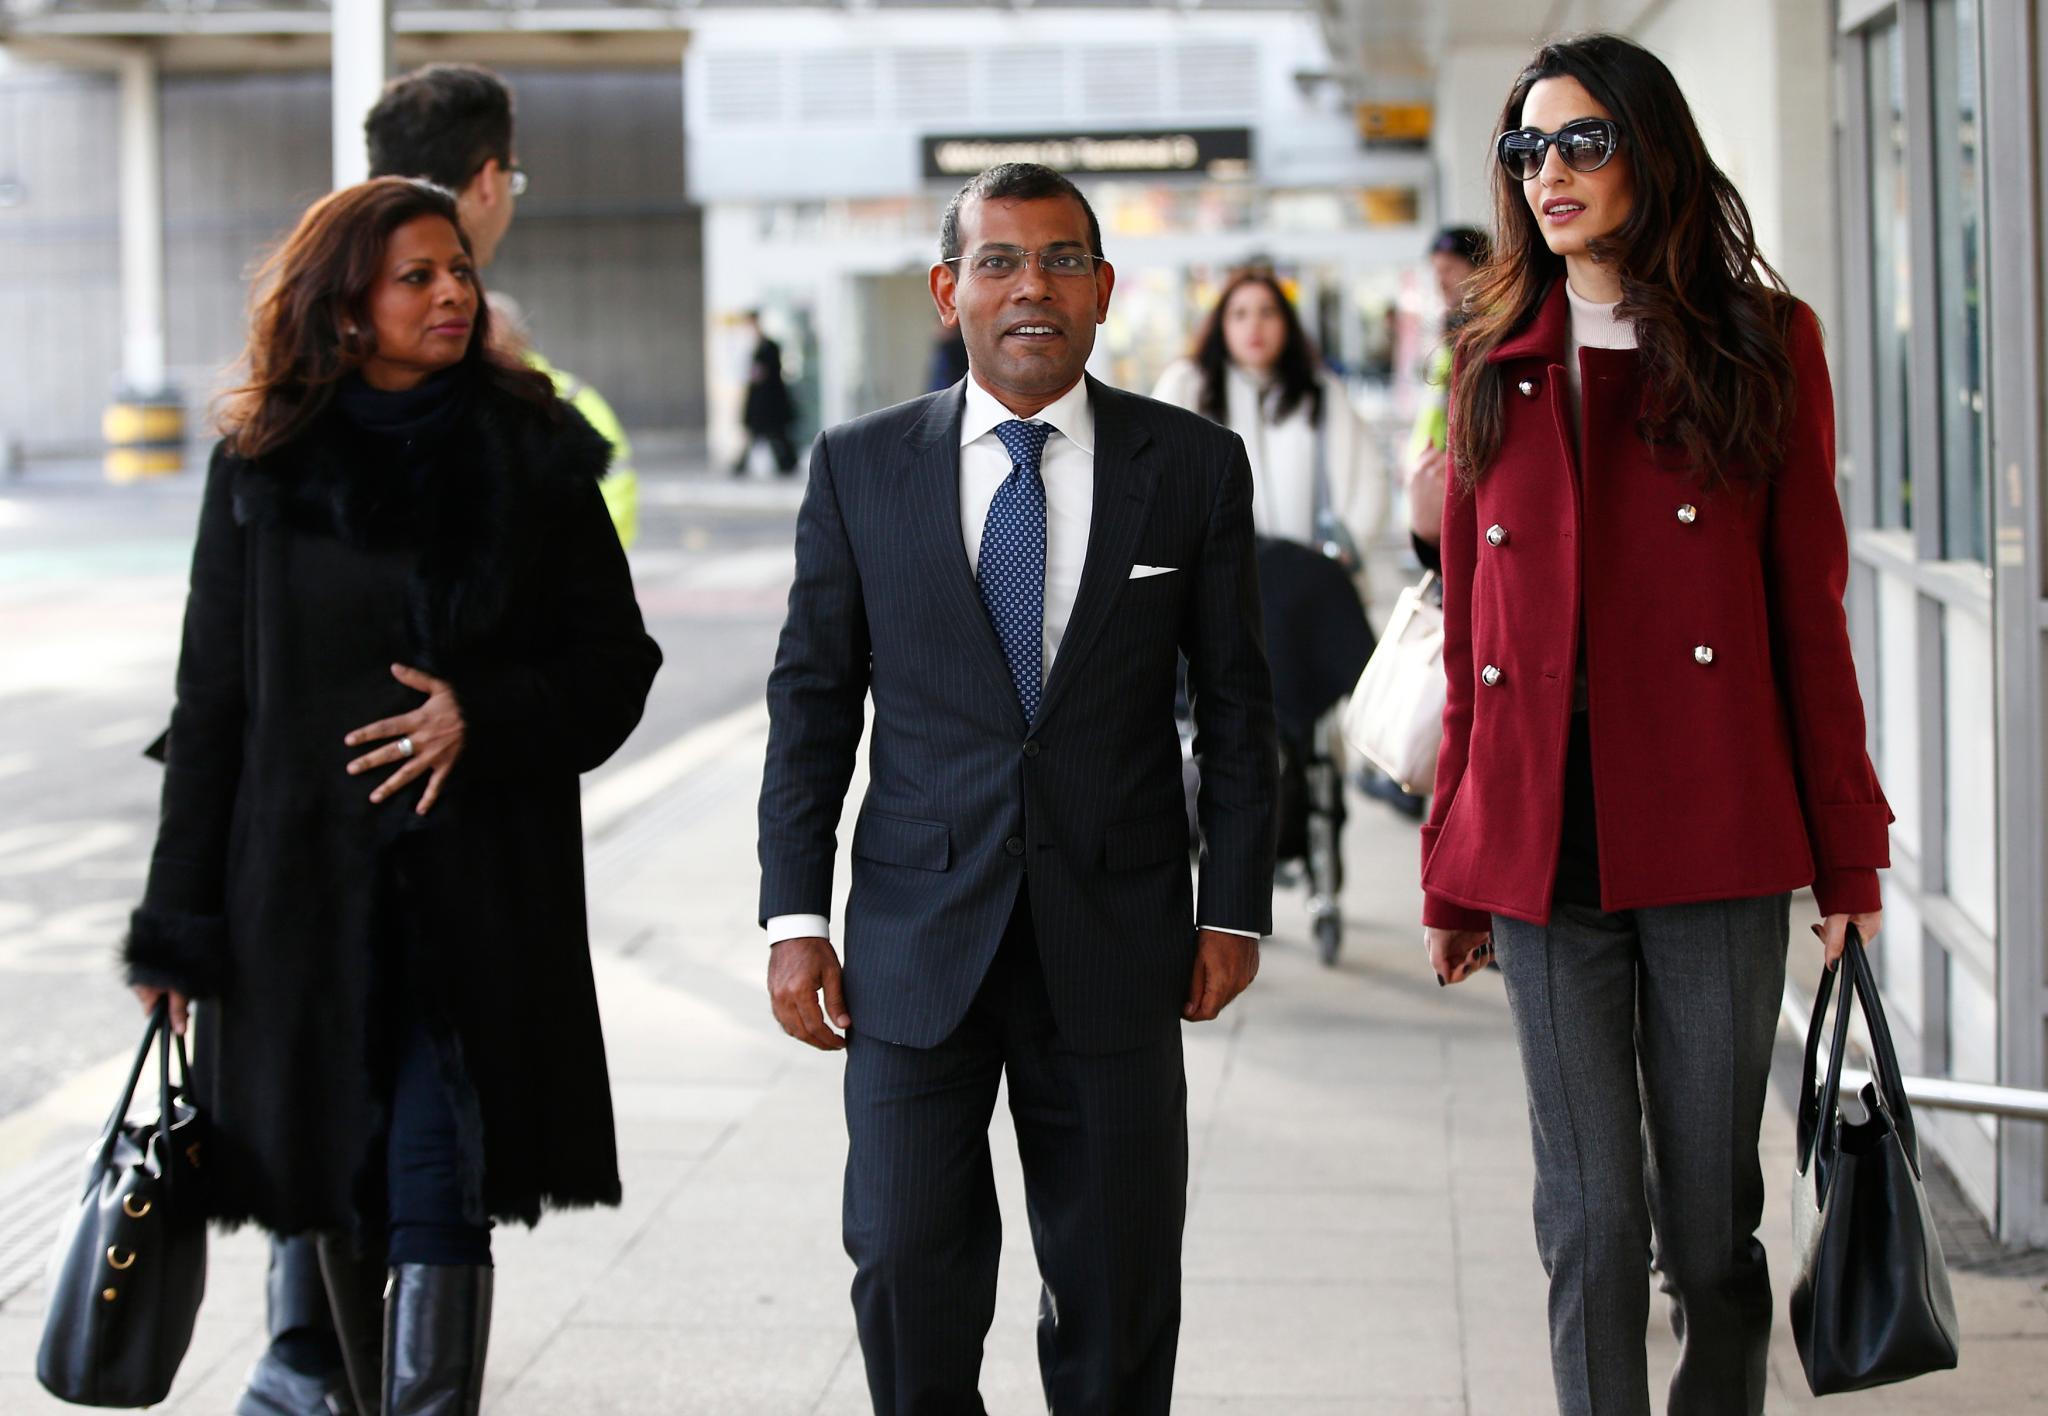 Laila Ali Abdulla, Mohamed Nasheed, Amal Clooney